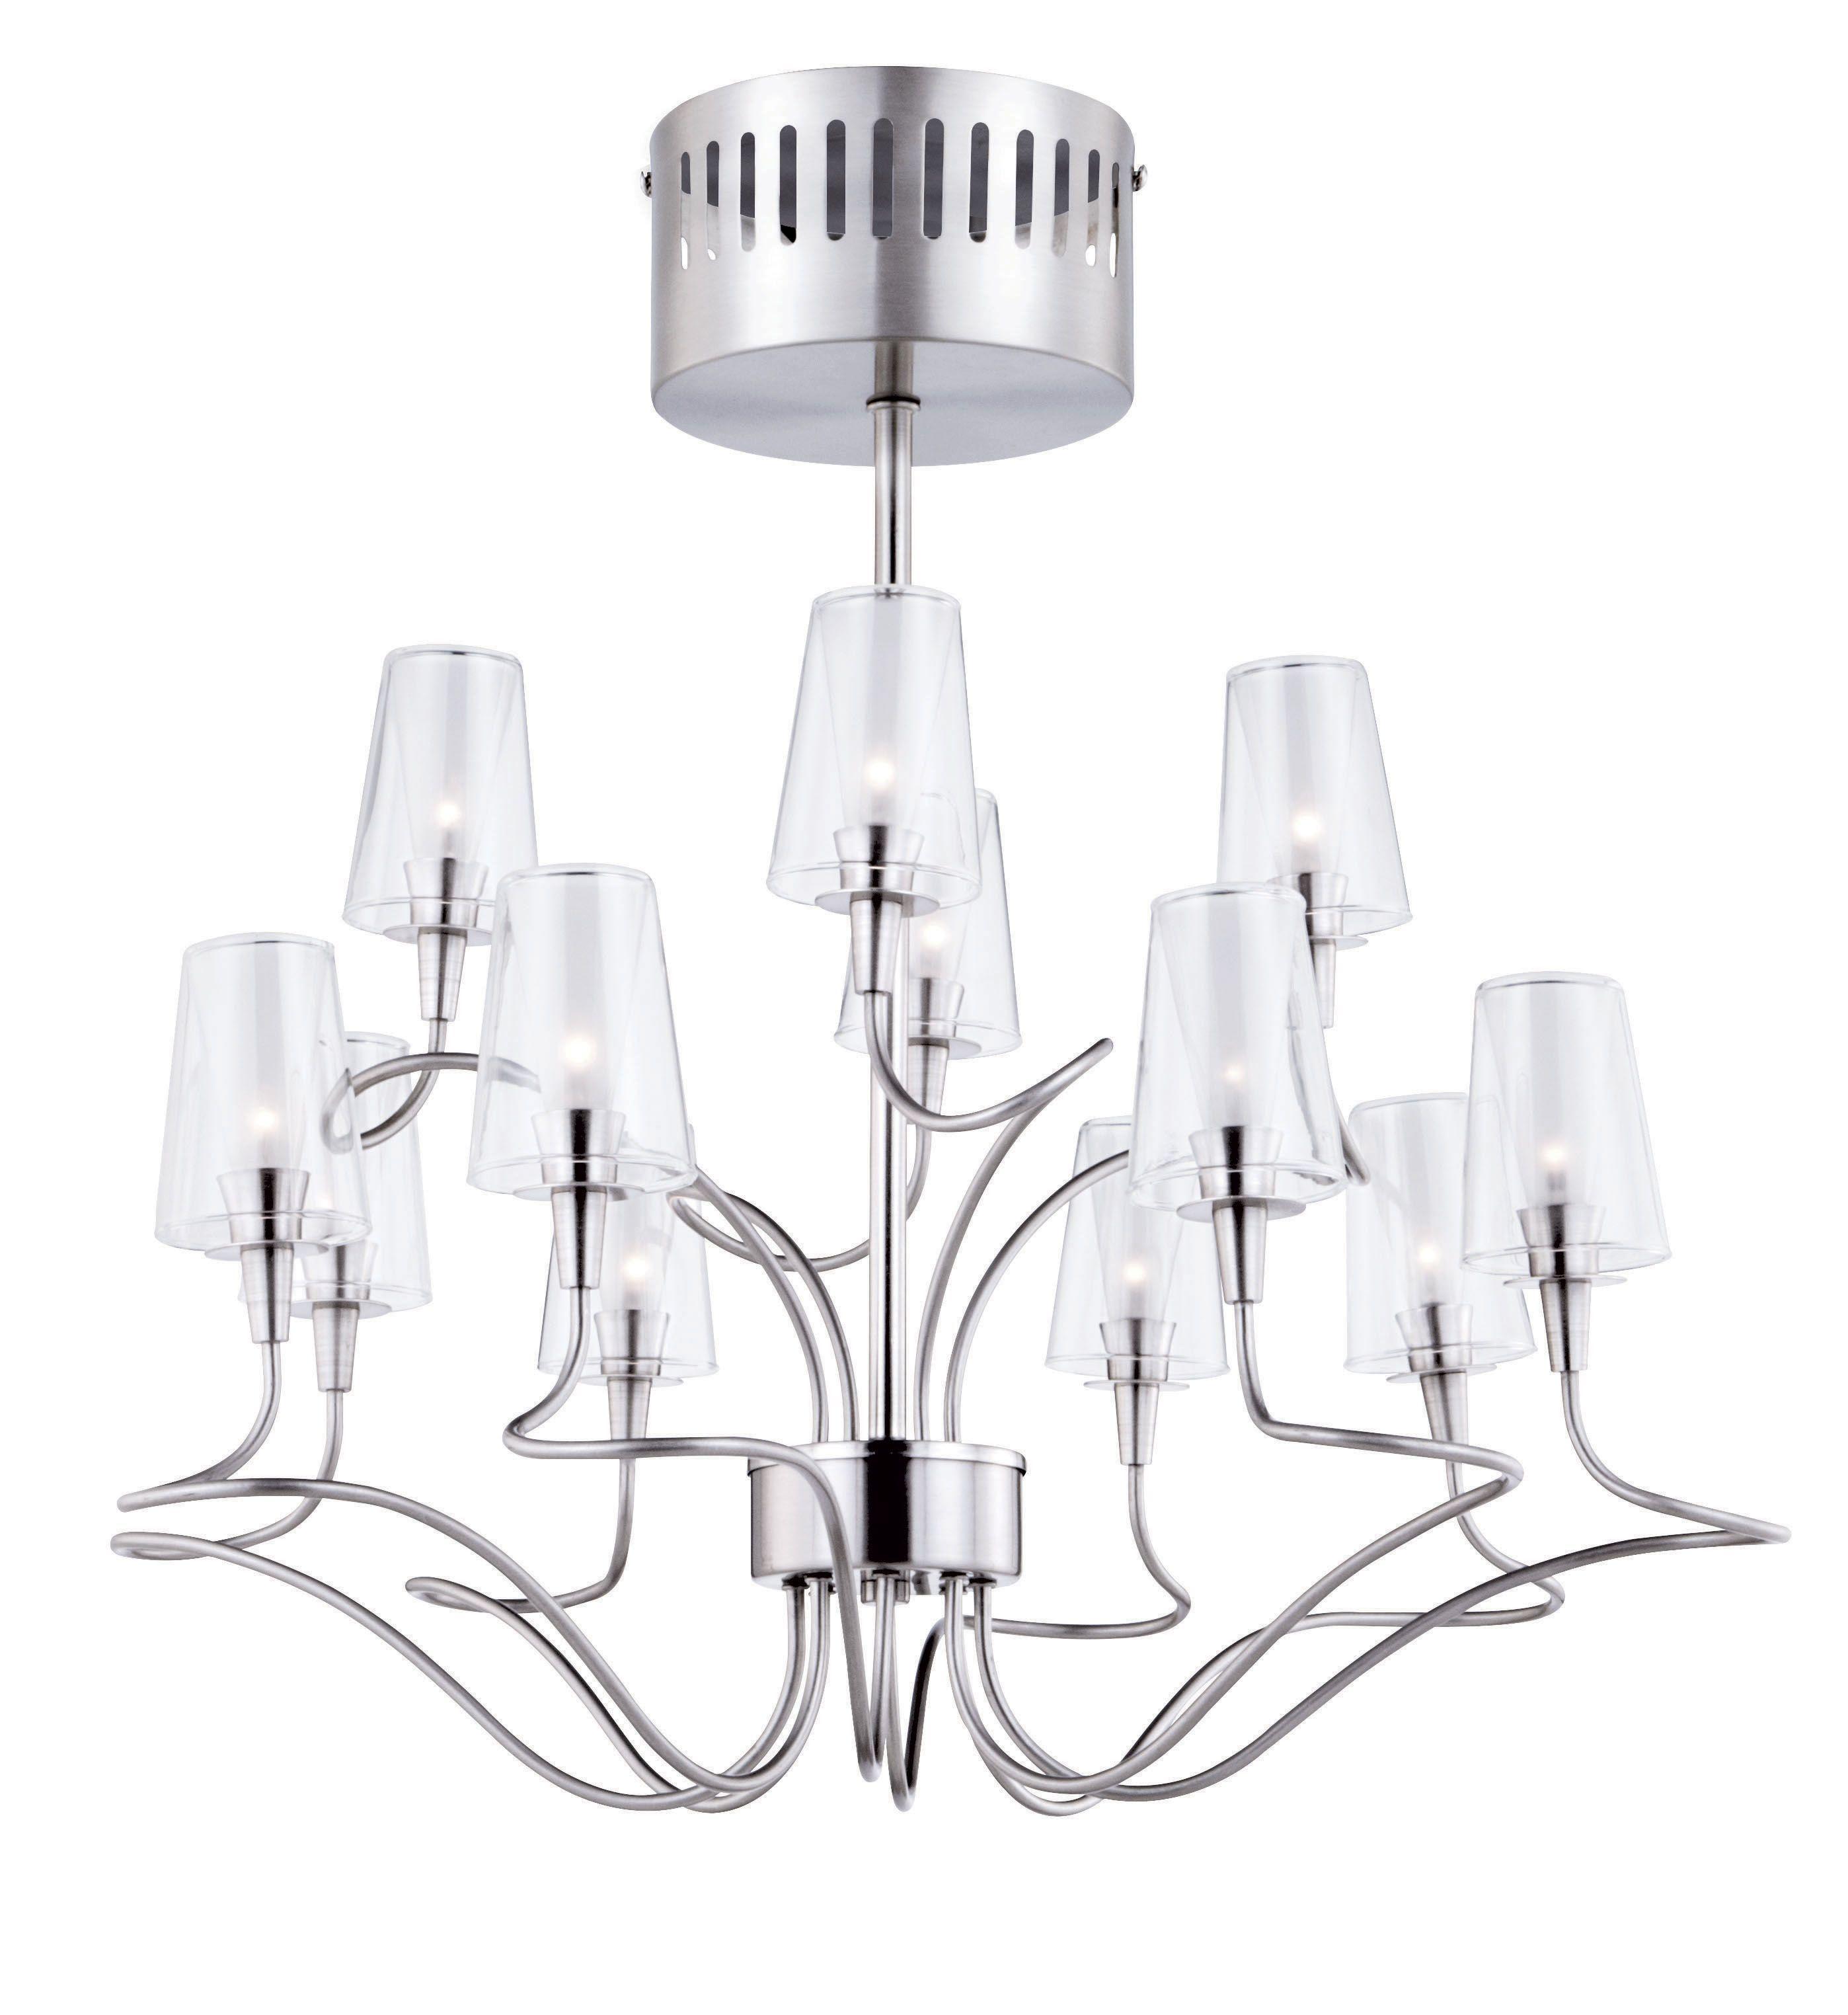 Helges Brushed Chrome Effect 12 Lamp Chandelier Garden SuppliesLight FixturesChandeliersDining Room